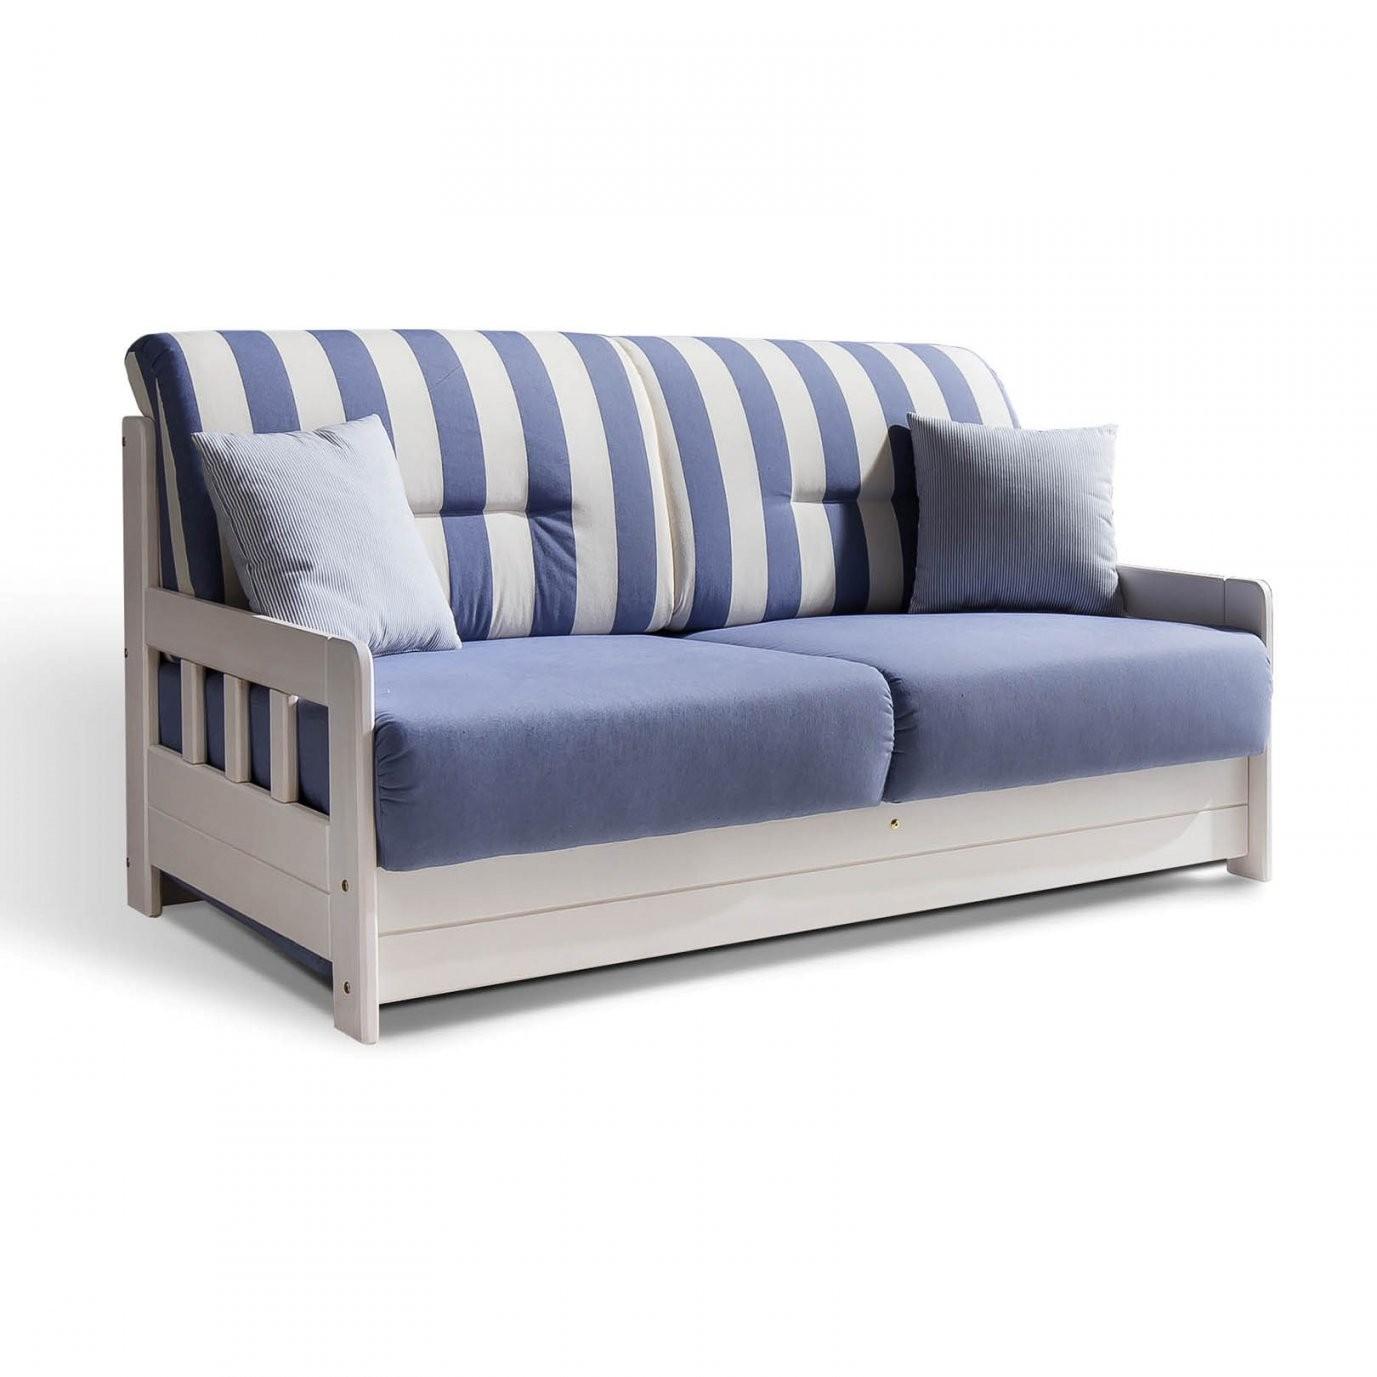 Ecksofa Erstaunlich Ecksofa Mit Schlaffunktion Gebraucht Ideen von 2 Sitzer Sofa Mit Bettfunktion Bild